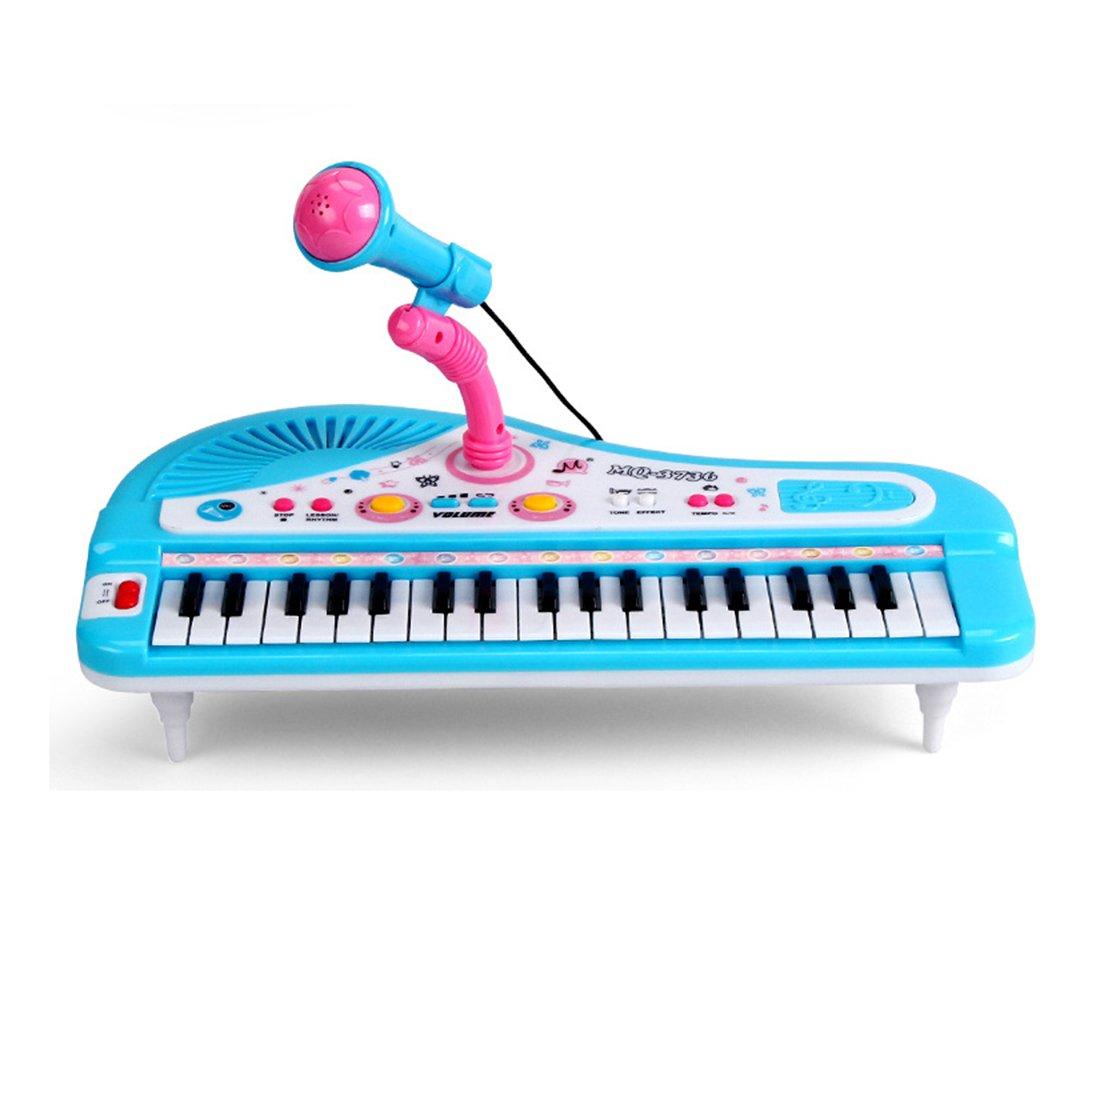 Piano para niños, Foxom 37 Teclas Electrónico Teclados Piano con Micrófono Piano Juguete Musical Regalo Para Niños Bebés Principiantes (Rosado)